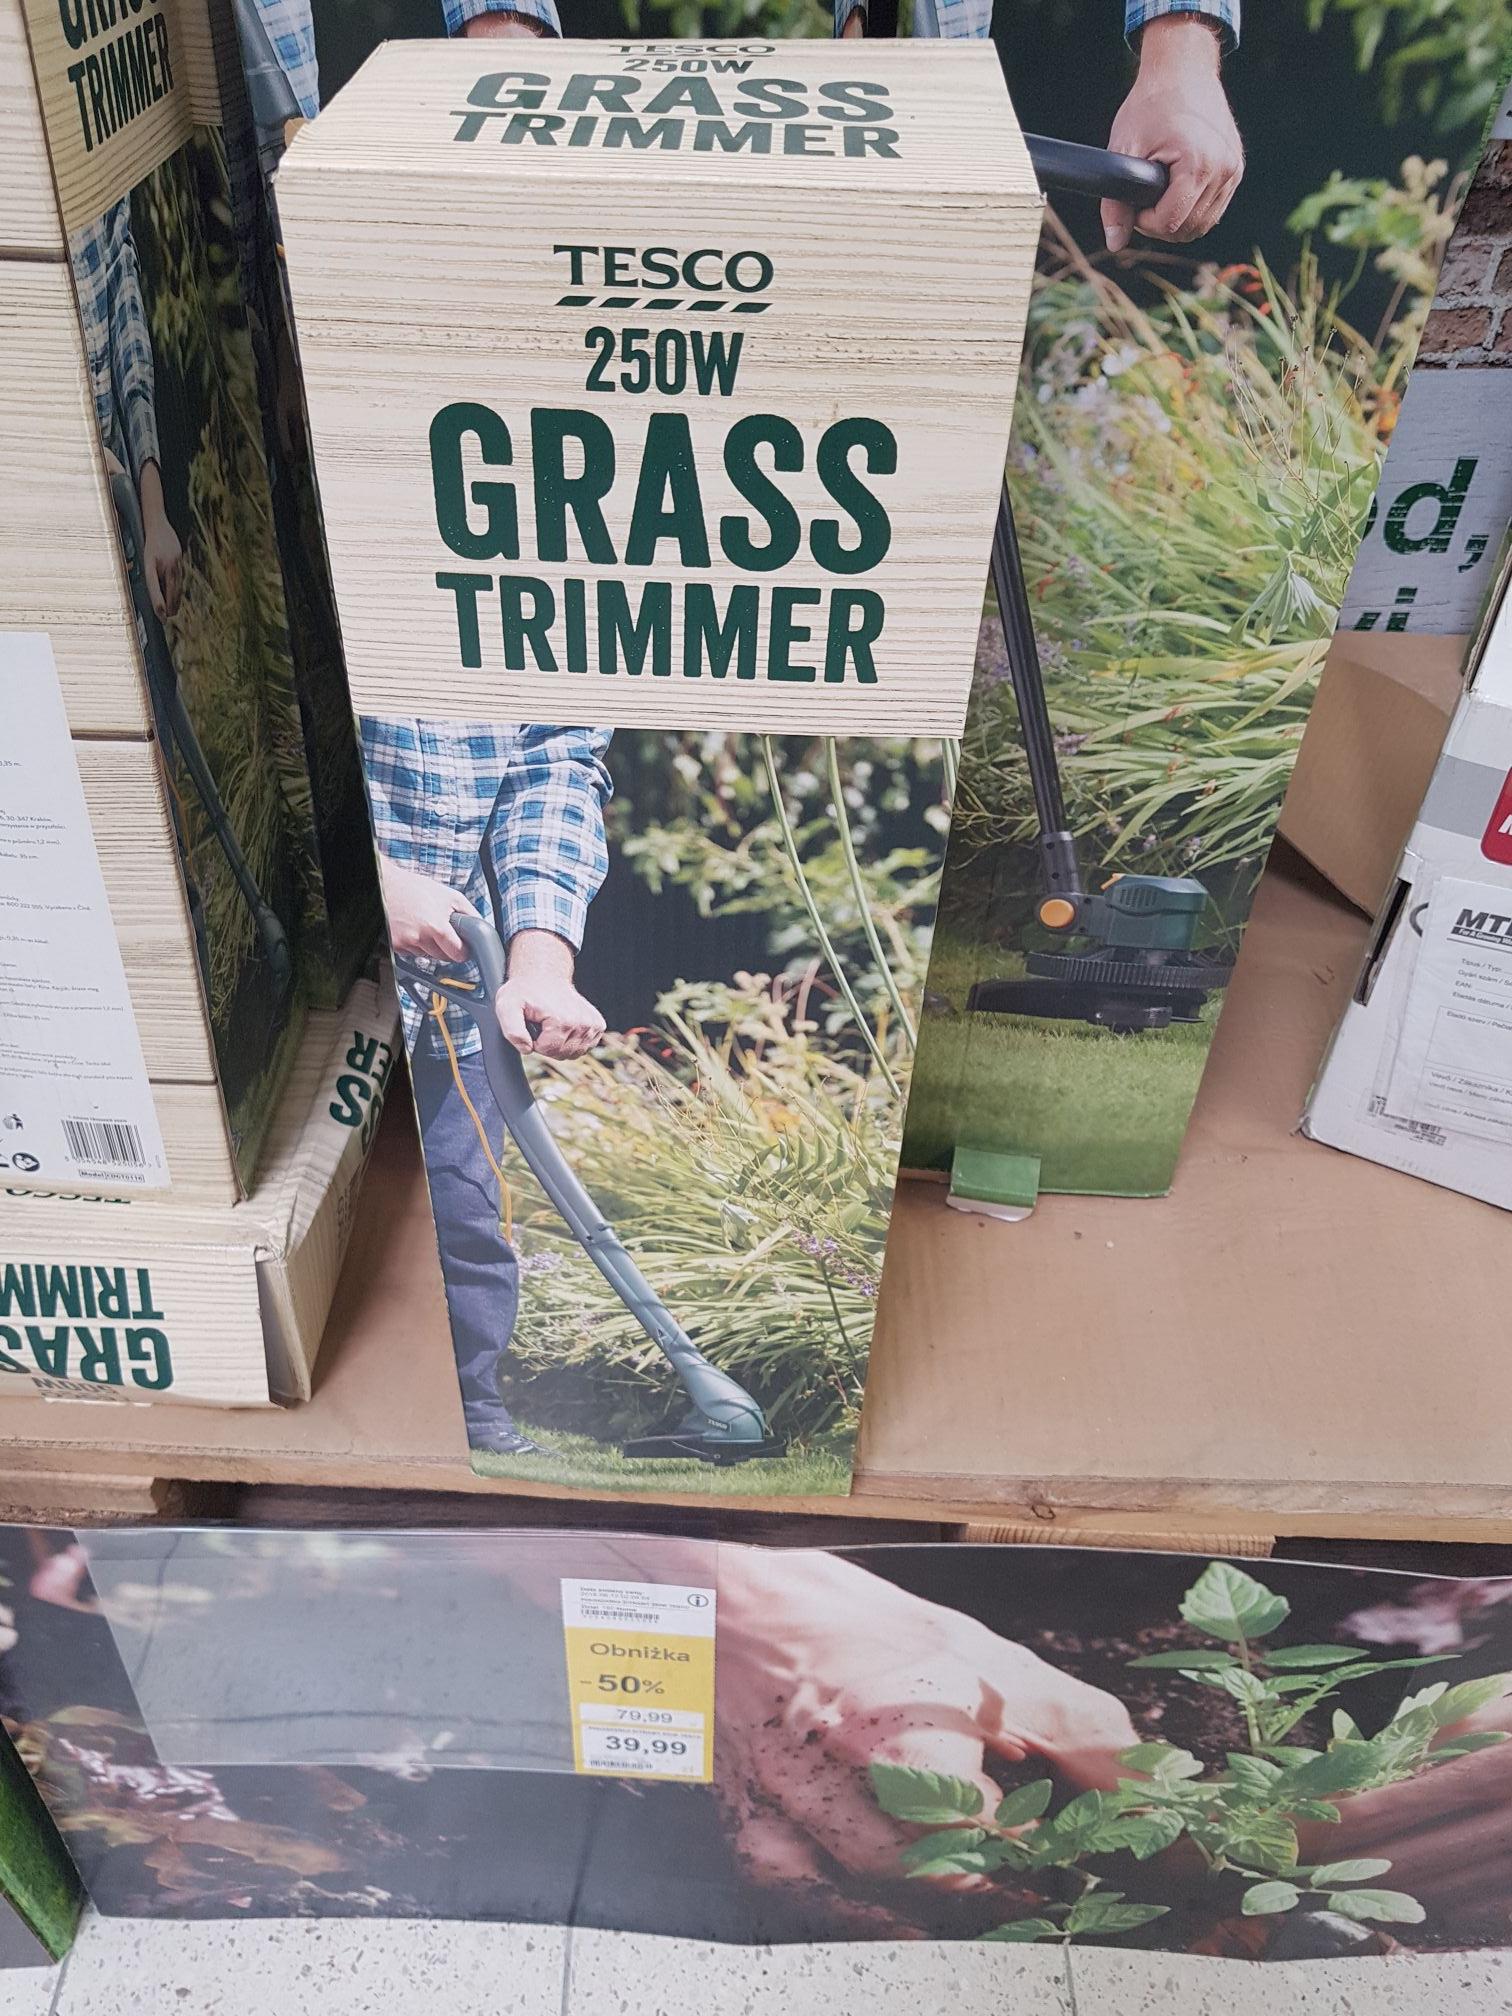 Podkaszarka do trawy 250W Tesco 50%